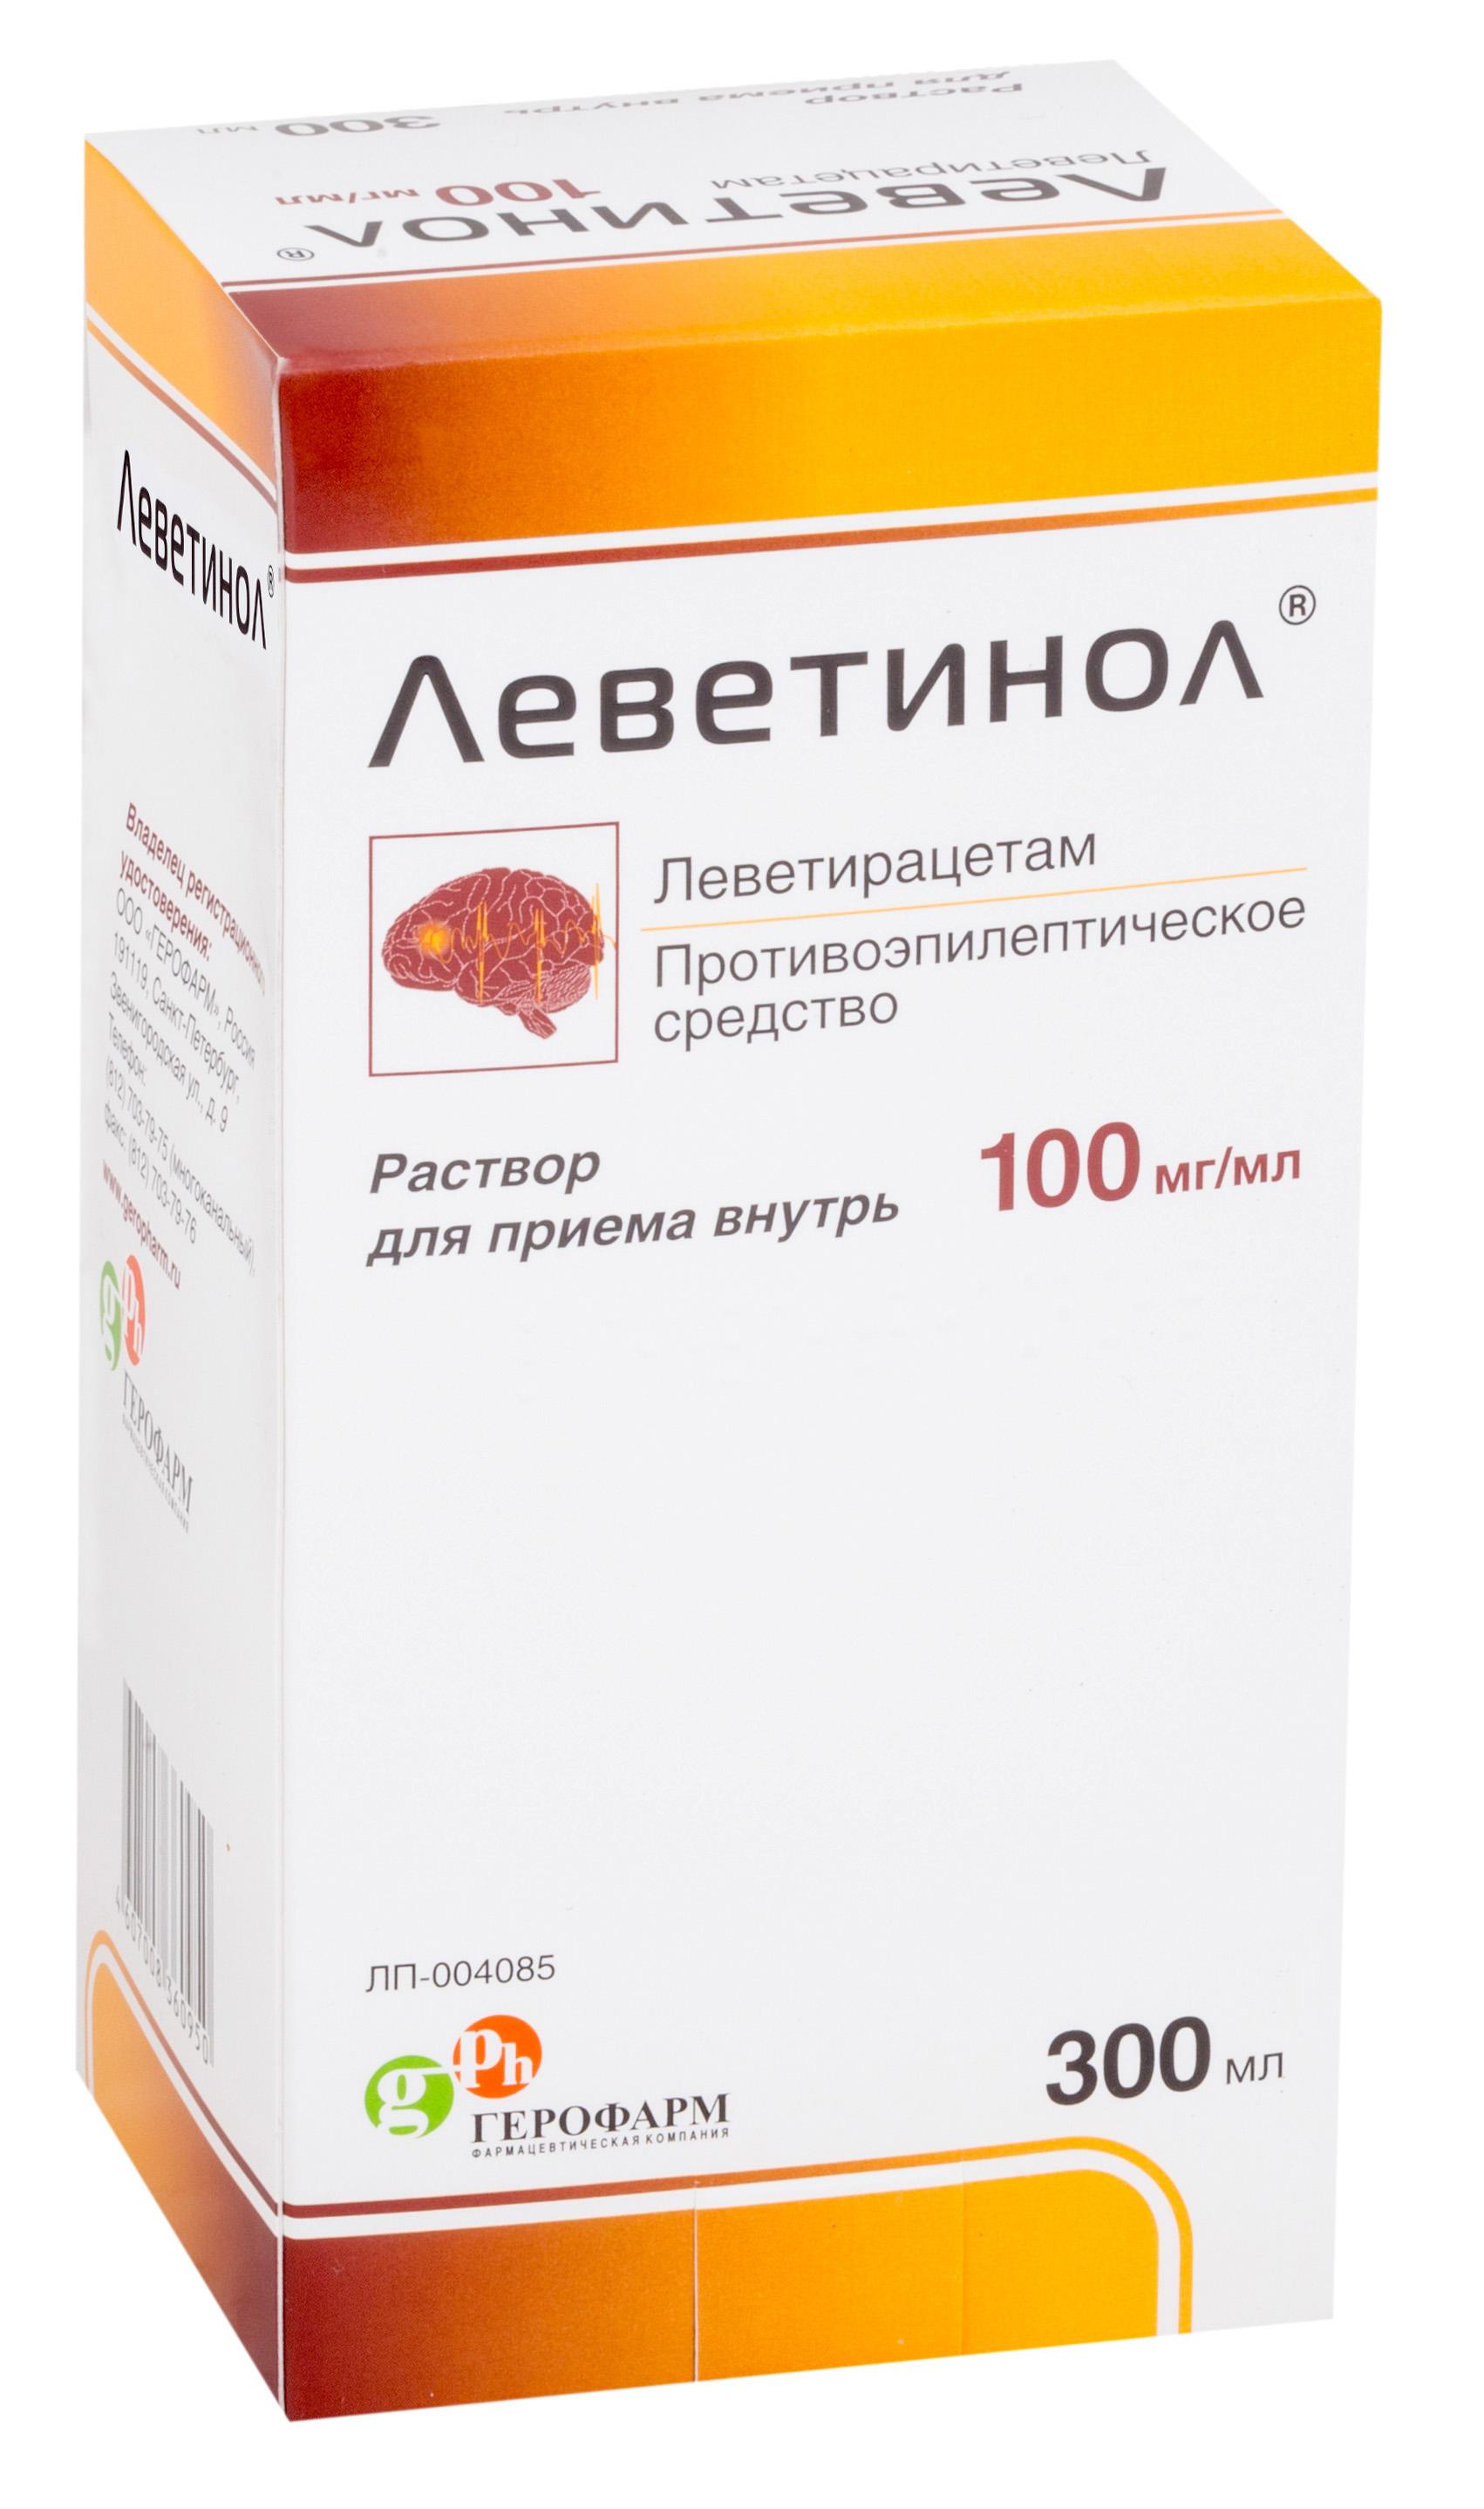 Леветинол р-р д/приема внутрь 100мг/мл фл. 300мл №1 (в комп. с мерн. шприцем, адаптером)